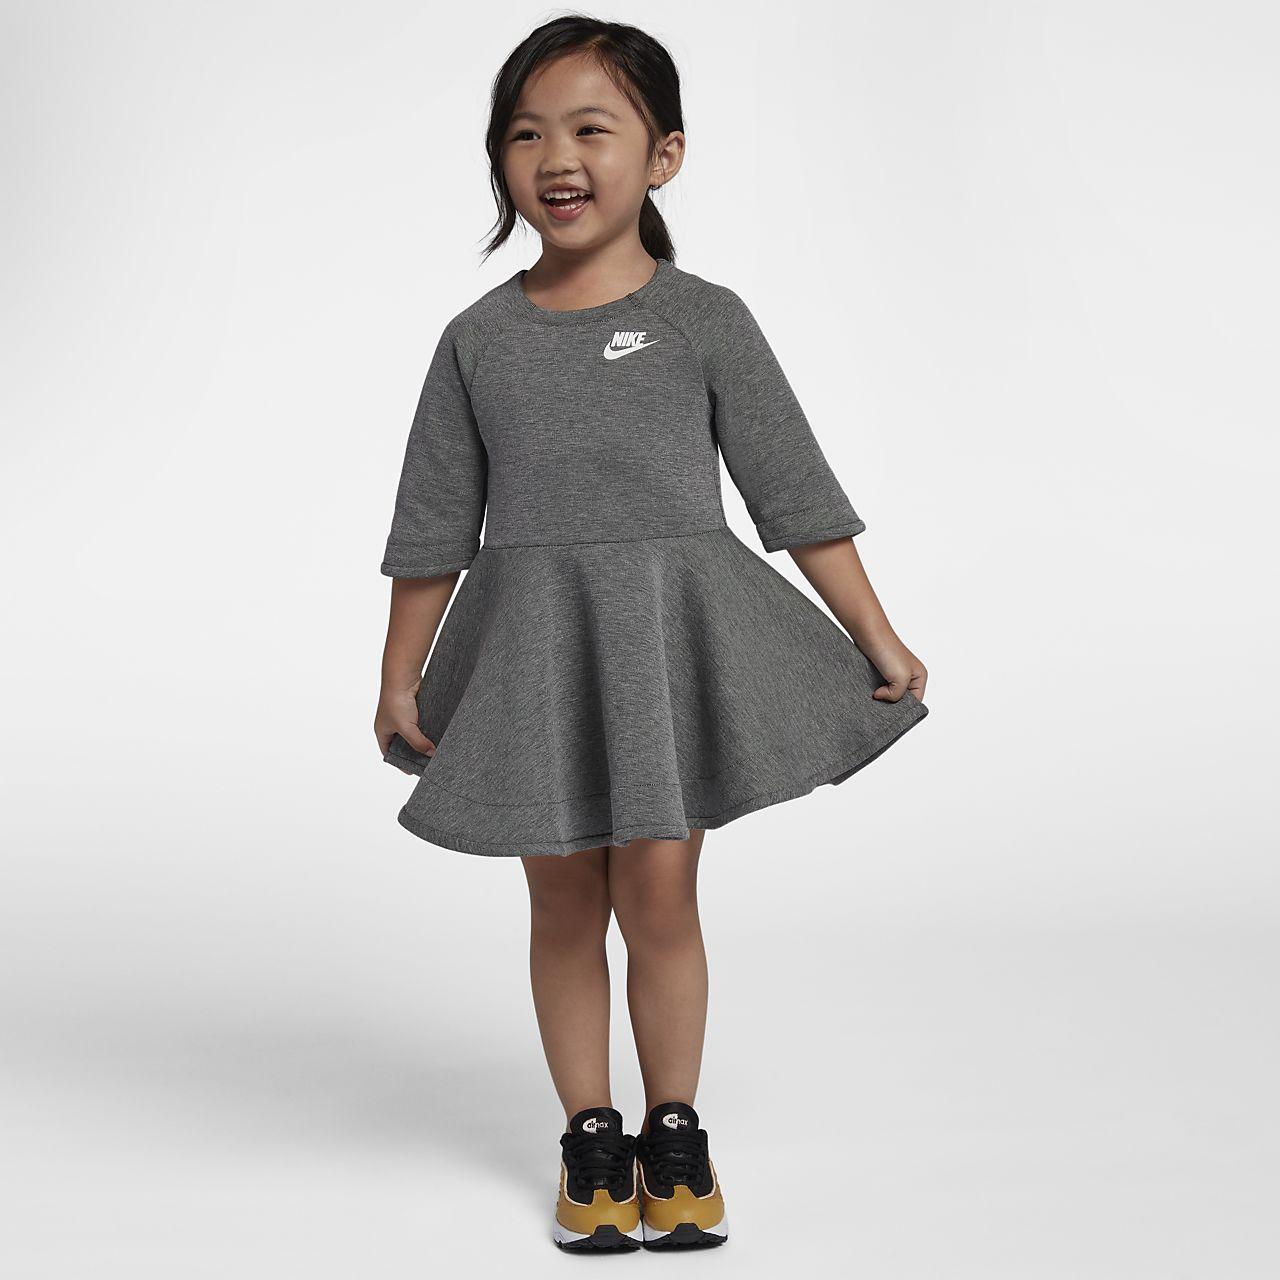 Nike Tech Fleece Toddler Dress